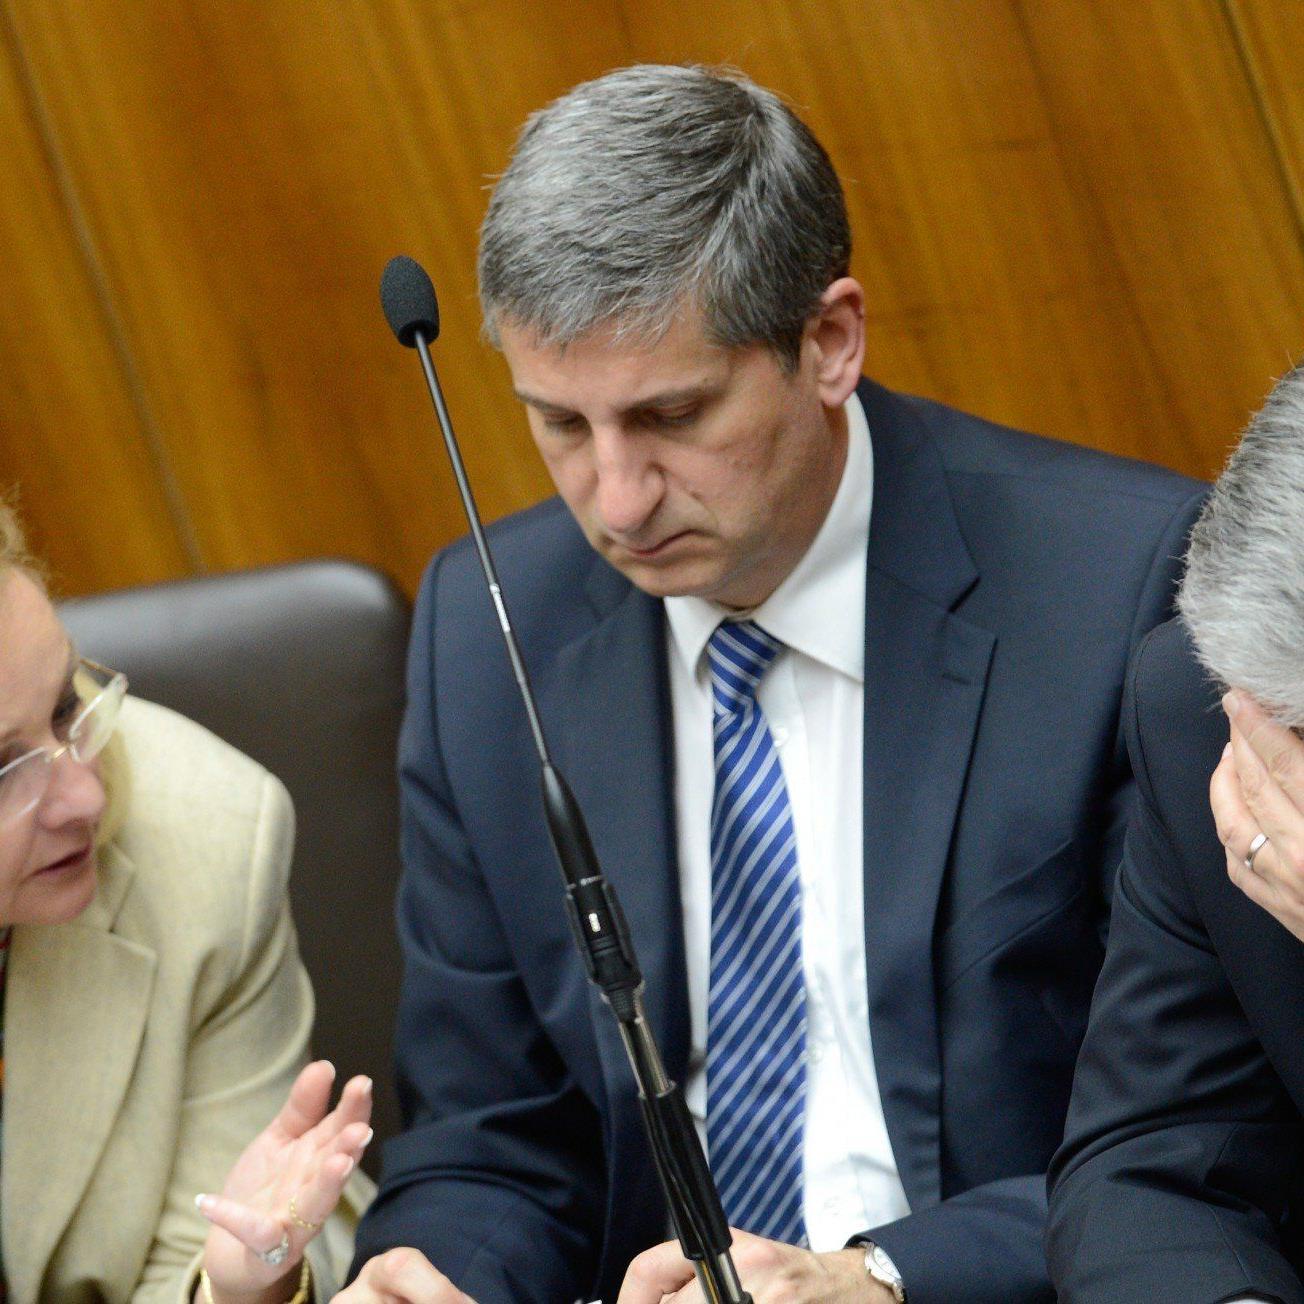 Vizekanzler wiegelt im Koalitionsstreit um Briefentwurf ab.